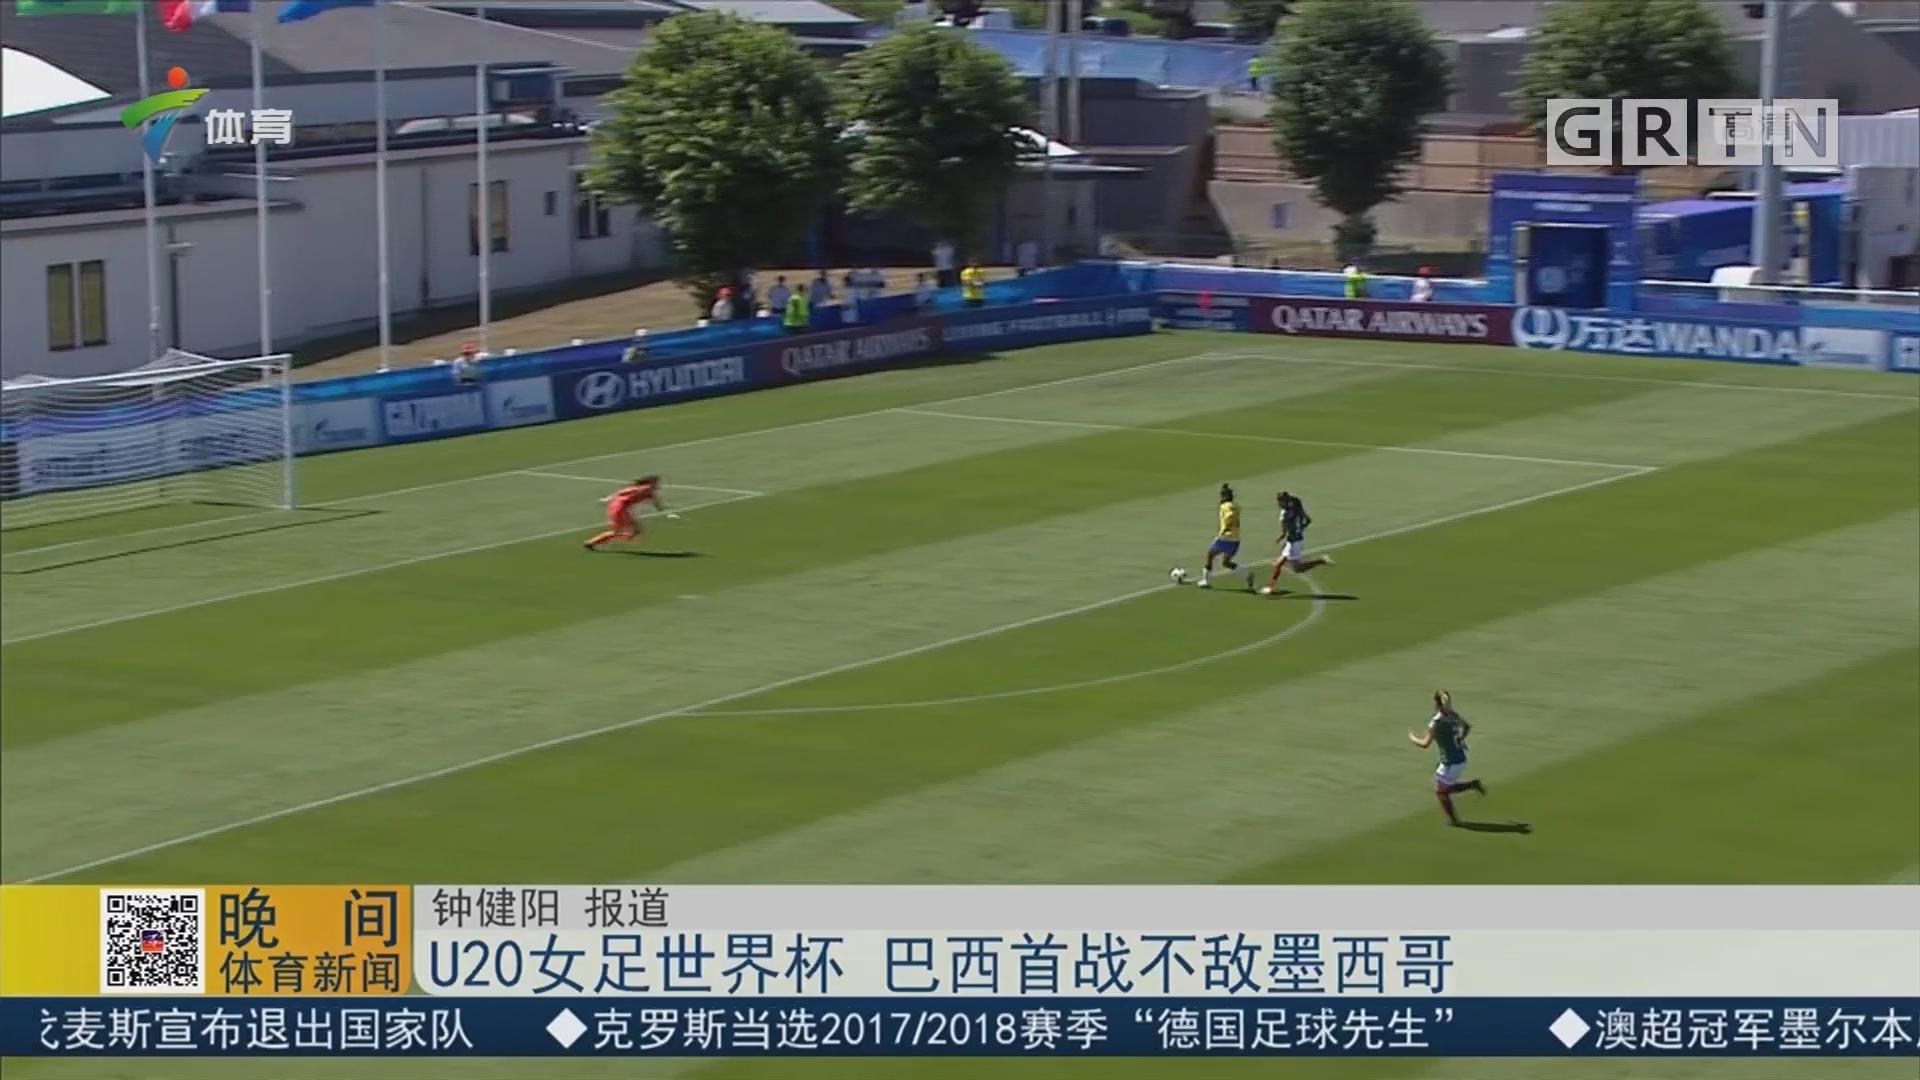 U20女足世界杯 巴西首战不敌墨西哥